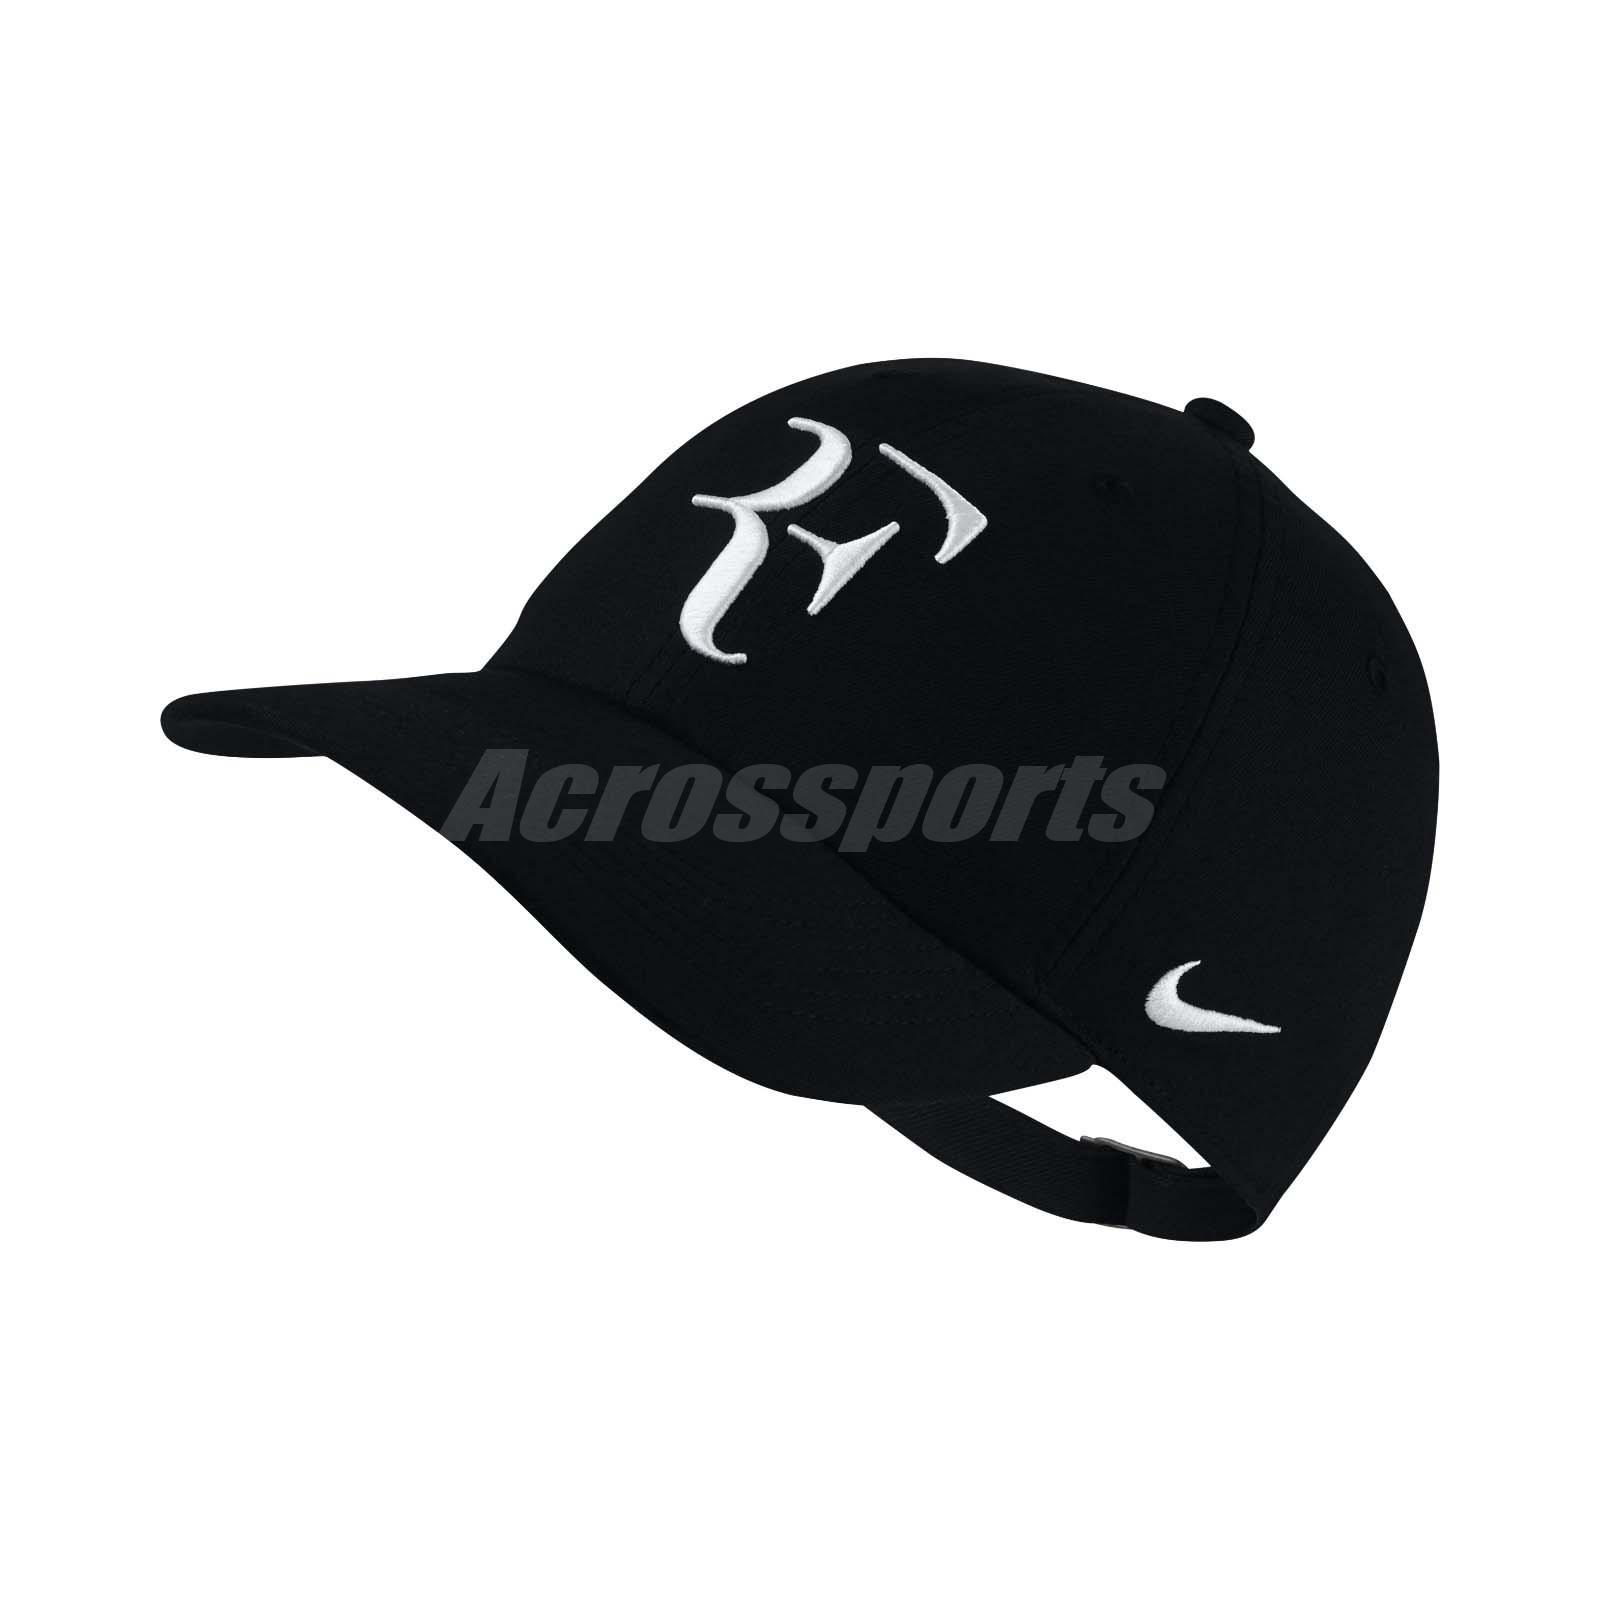 77d013205b4 Details about Nike Unisex Roger Federer Aerobill Lightweight Tennis Cap  Dri-FIT AH6985-010